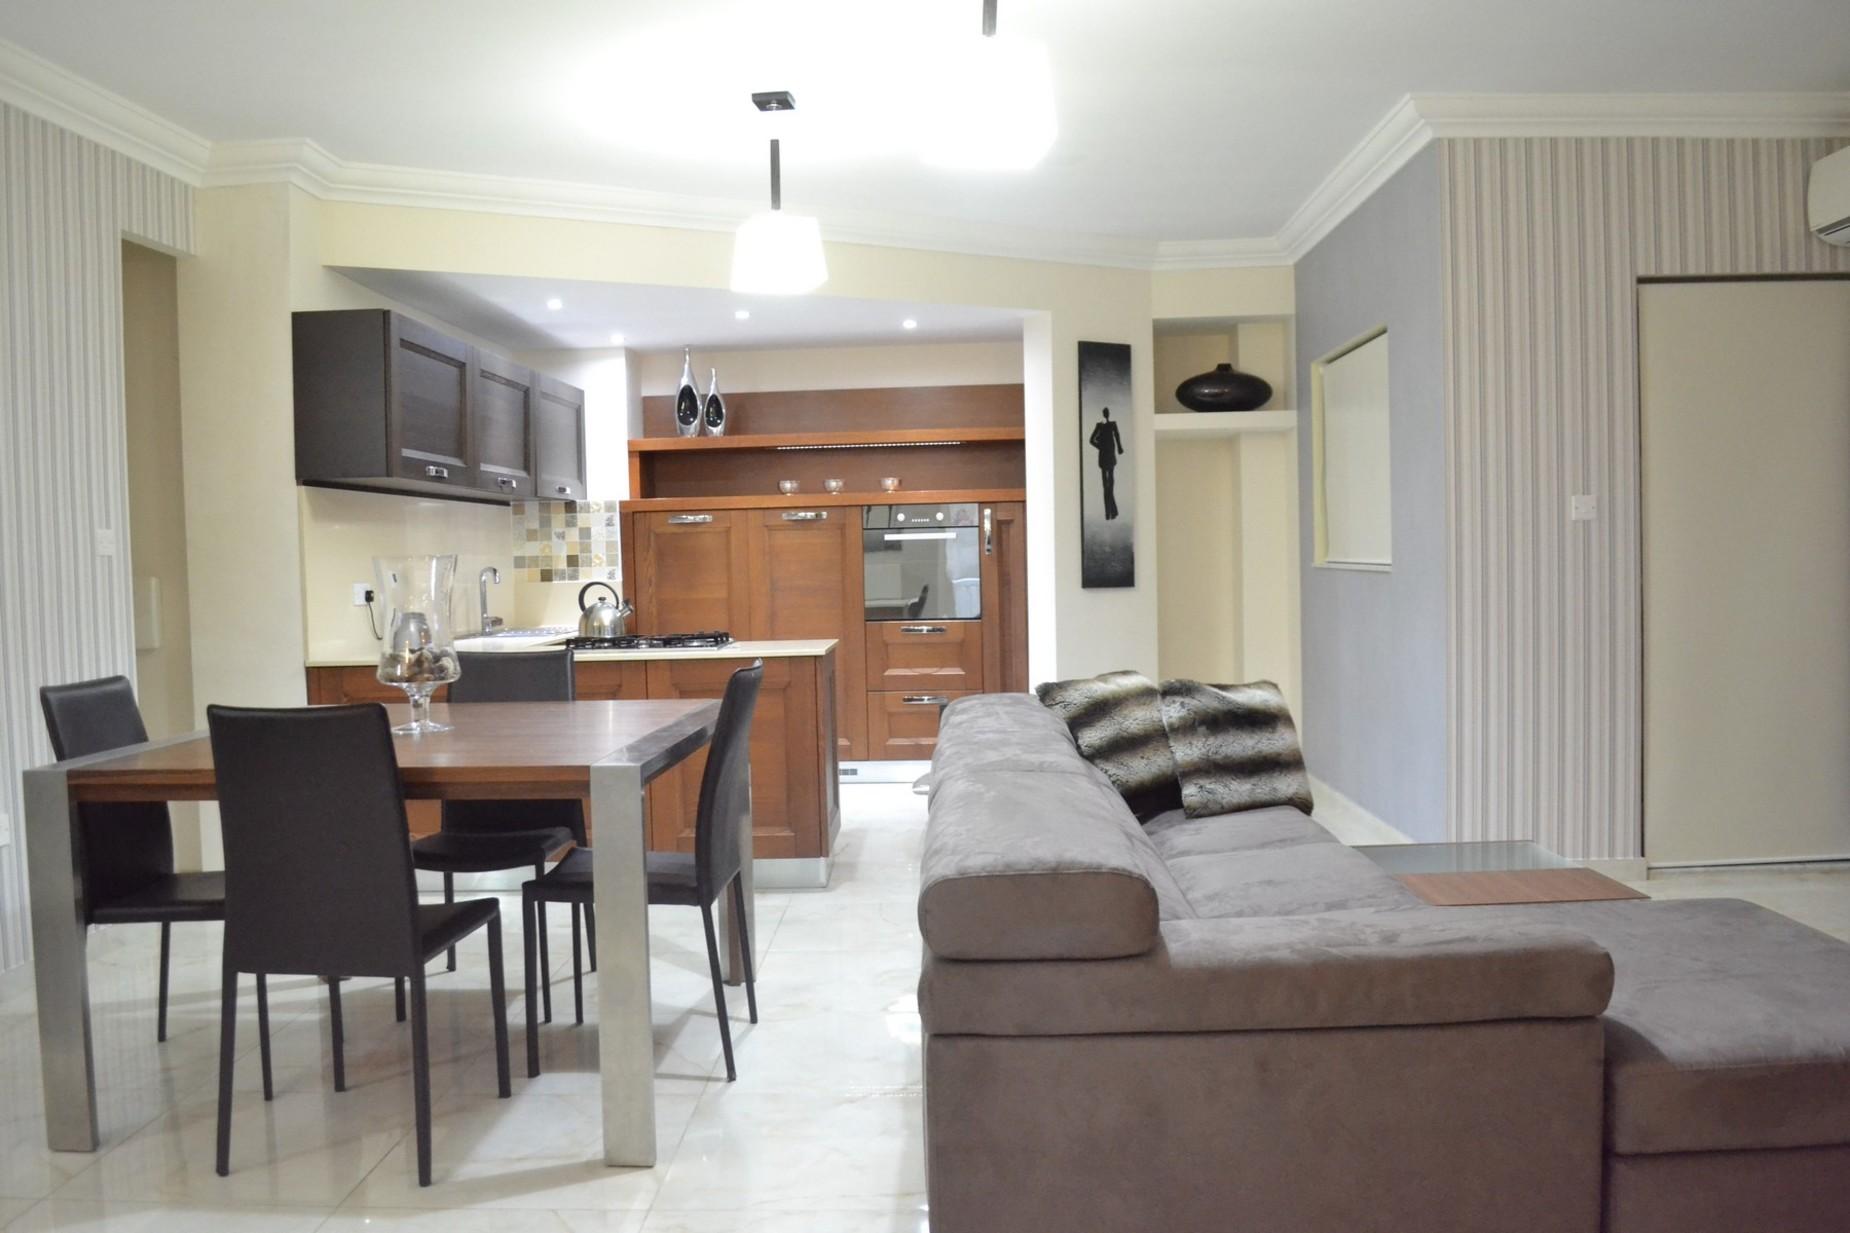 3 bed Maisonette For Rent in Sliema, Sliema - thumb 2